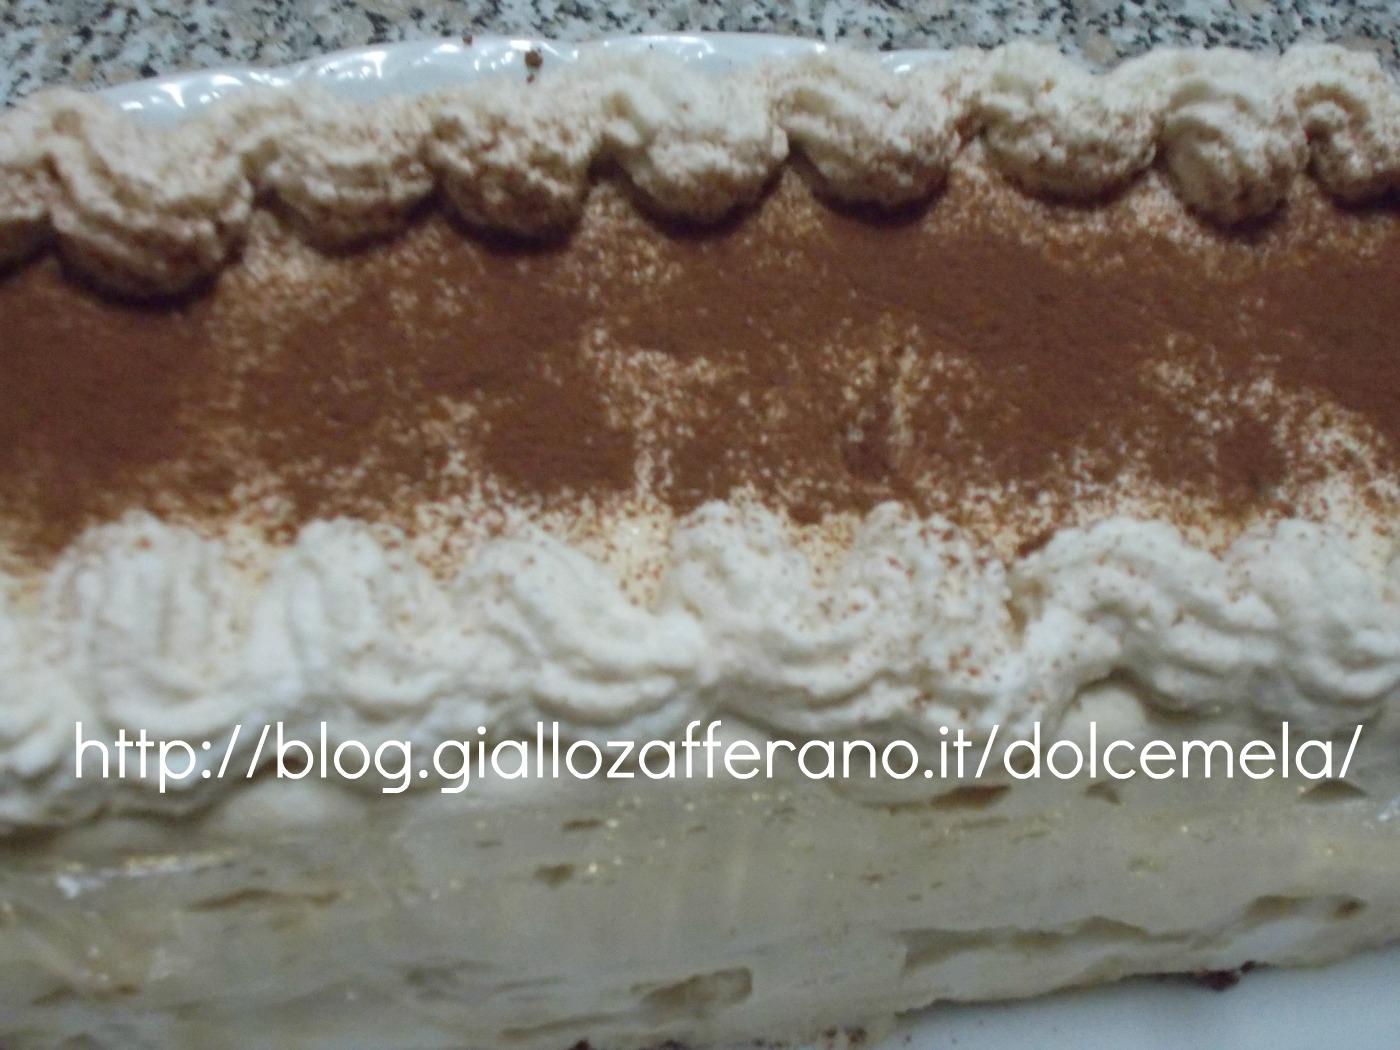 viennetta choco nuit caffè ricetta dolce con uova pastorizzate nella cucina di profumo di glicine